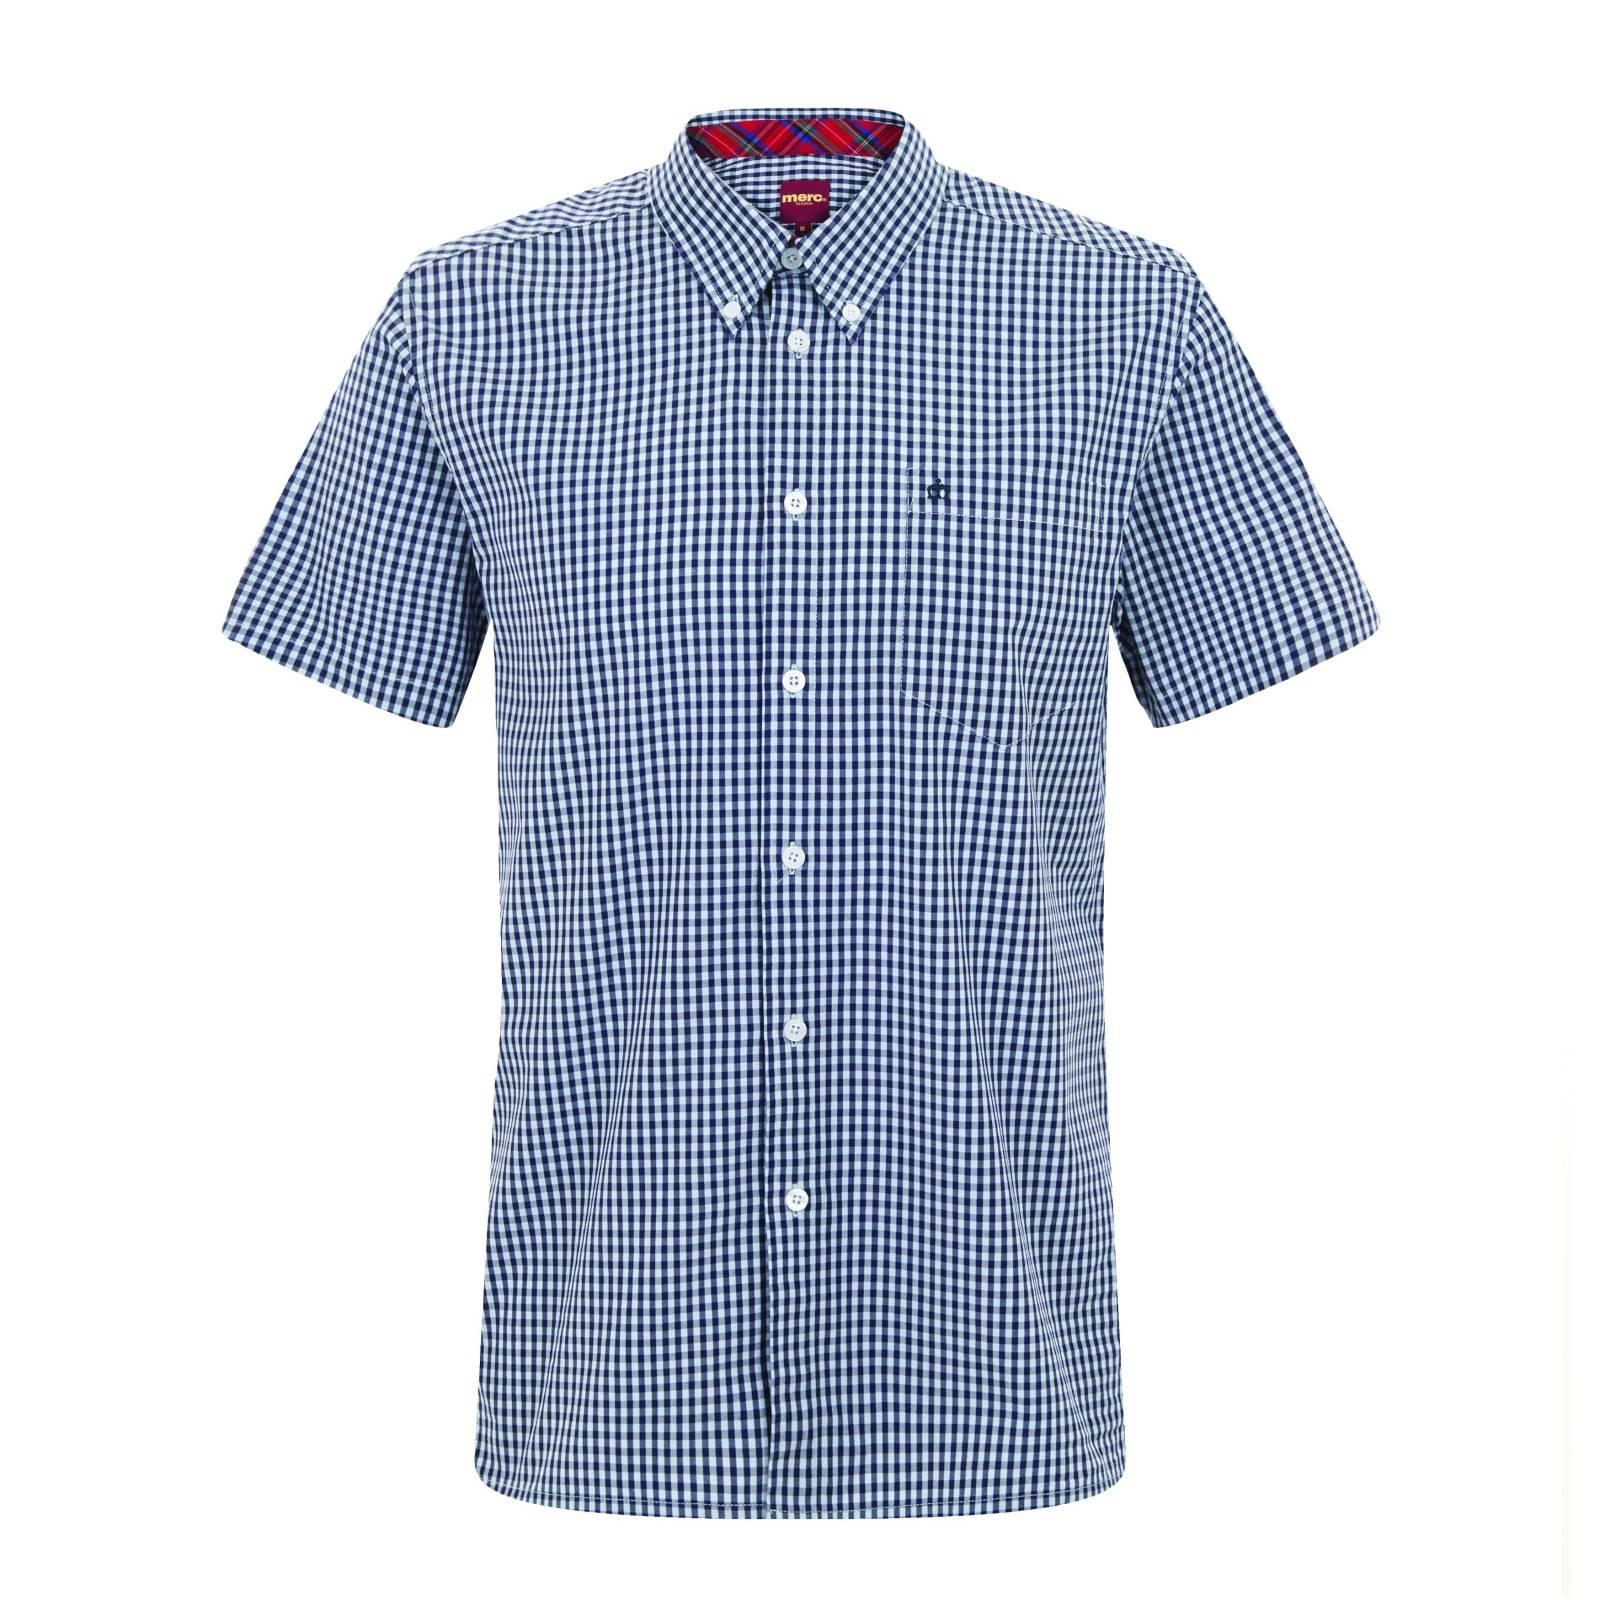 Рубашка TerryКлассические<br>Эта классическая, приталенная рубашка всесезонной базовой линии CORE производится почти в неизменном виде на протяжении десятилетий, символизируя верность Merc своему полувековому наследию и исконному casual стилю. Традиционная мелкая двухцветная английская клетка прекрасно сочетается с большинством легких курток, тренчей и парок. Визитная карточка рубашек Merc - воротник &amp;amp;quot;button-down&amp;amp;quot; на пуговицах - делает ее идеальной для комбинации с V-neck свитерами, жилетами и кардиганами. Прямой низ позволяет с комфортом заправлять эту рубашку в брюки, джинсы или шорты, хотя ее можно носить и на выпуск: под курткой, блейзером или саму по себе.<br><br>Артикул: 1570108<br>Материал: None<br>Цвет: сине-голубая клетка<br>Пол: Мужской